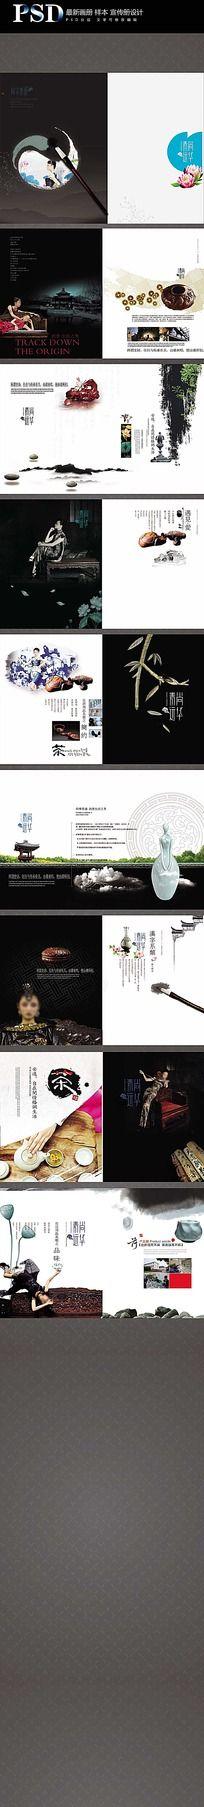 中国风茶叶文化宣传画册